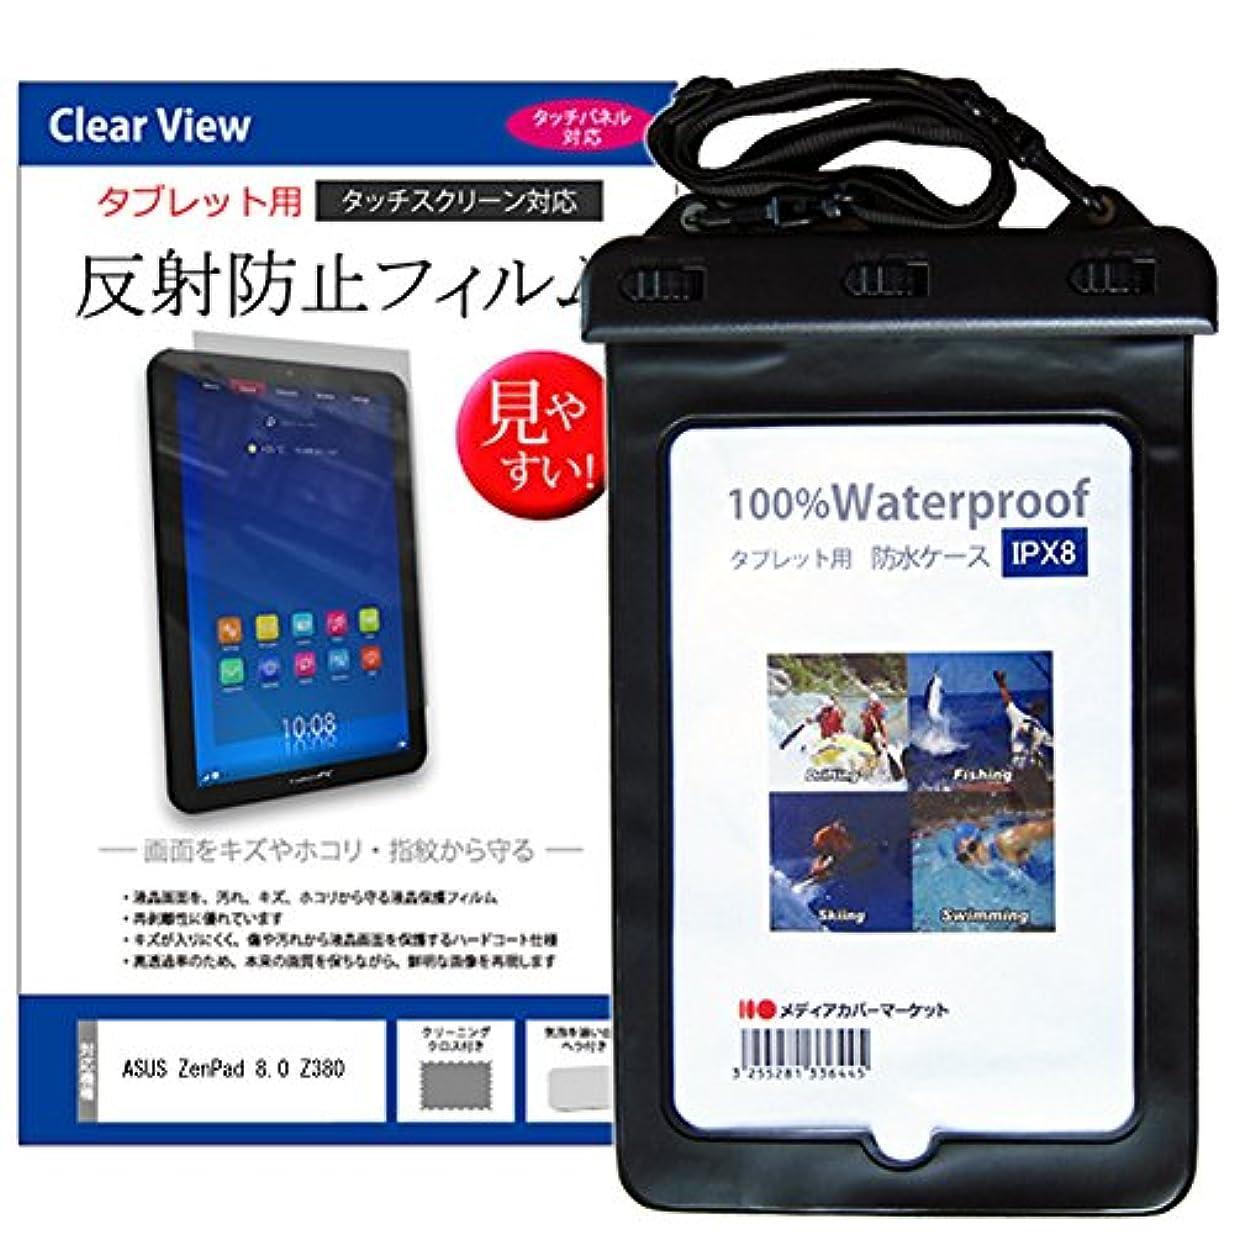 食い違いピストン無力メディアカバーマーケット ASUS ZenPad 8.0 Z380 [8インチ(1280x800)]機種で使える【防水ケース と 反射防止液晶保護フィルム のセット】 お風呂場 キッチン 海 プール